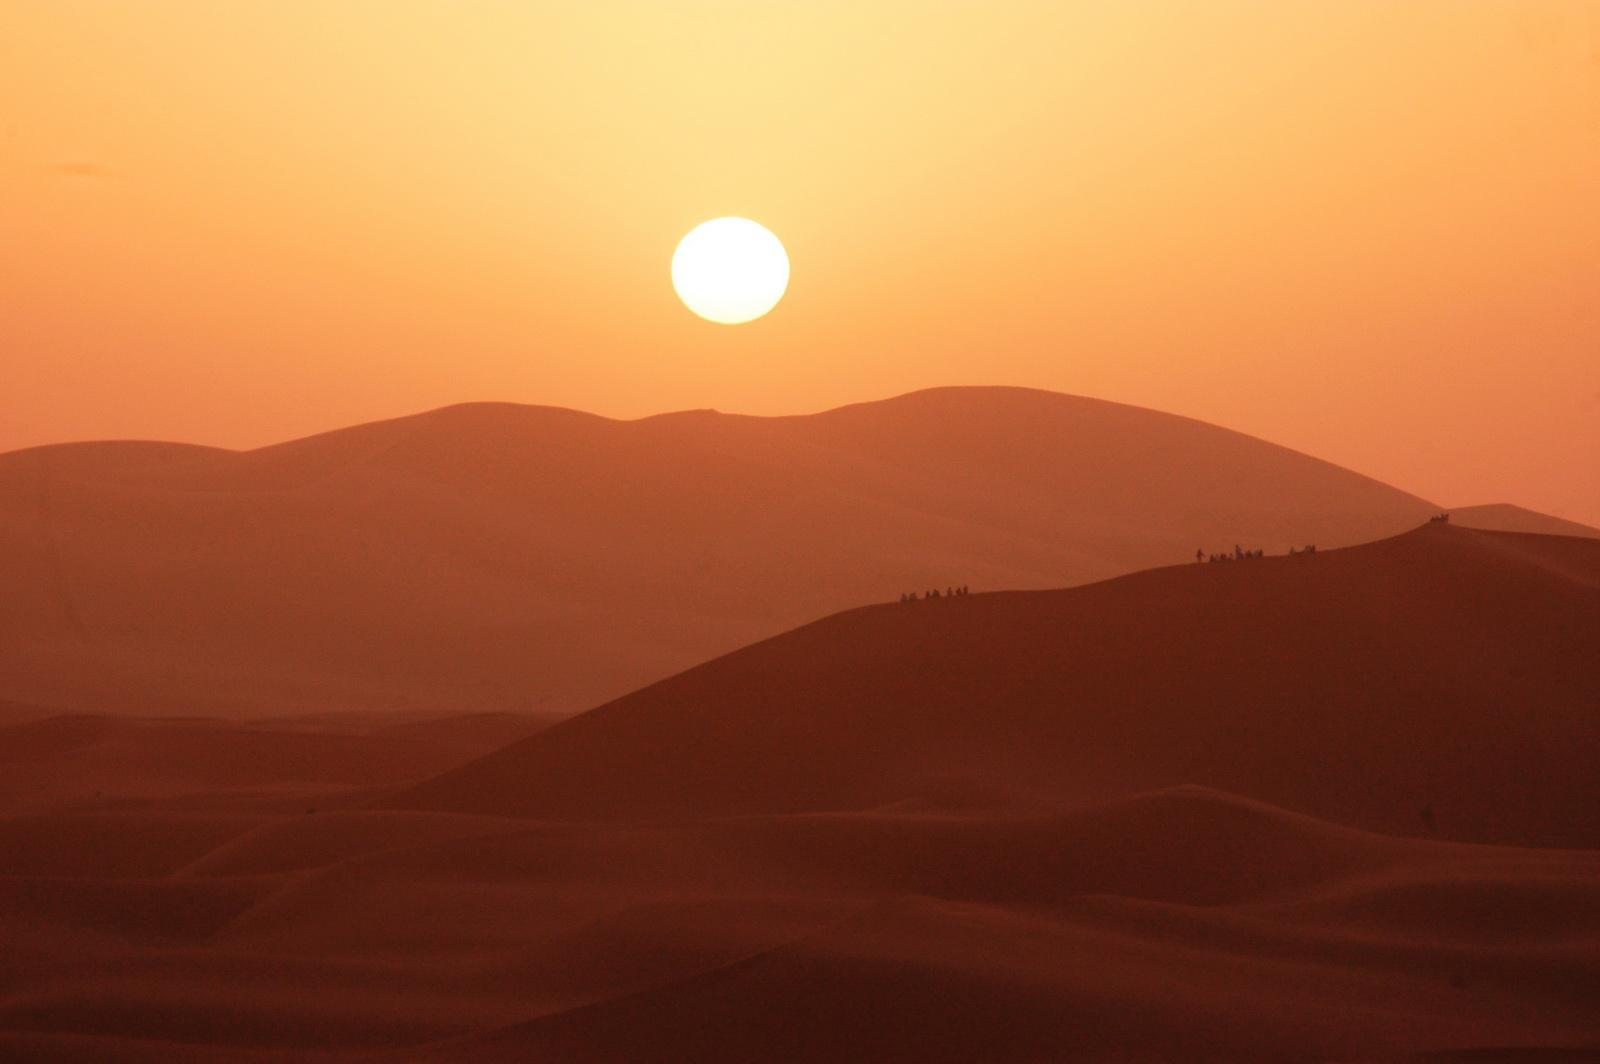 זריחה בסהרה - מרוקו